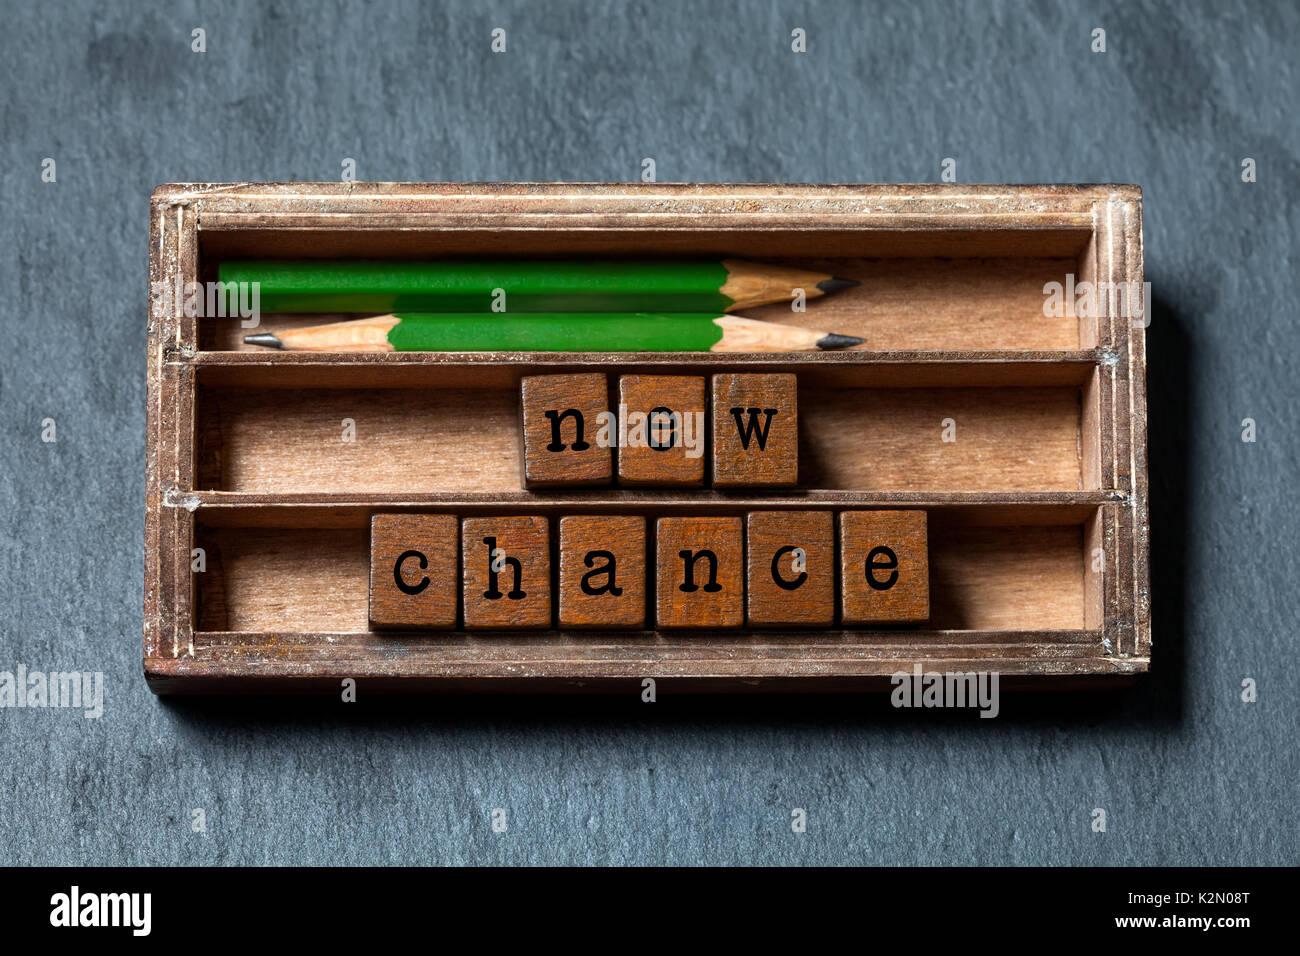 Nouvelle chance de phrase. La motivation et les attentes positives concept. Boîte en bois vintage, des cubes avec des lettres de style ancien, crayons vert. Fond texturé en pierre grise. Close-up, up vue, soft focus Photo Stock